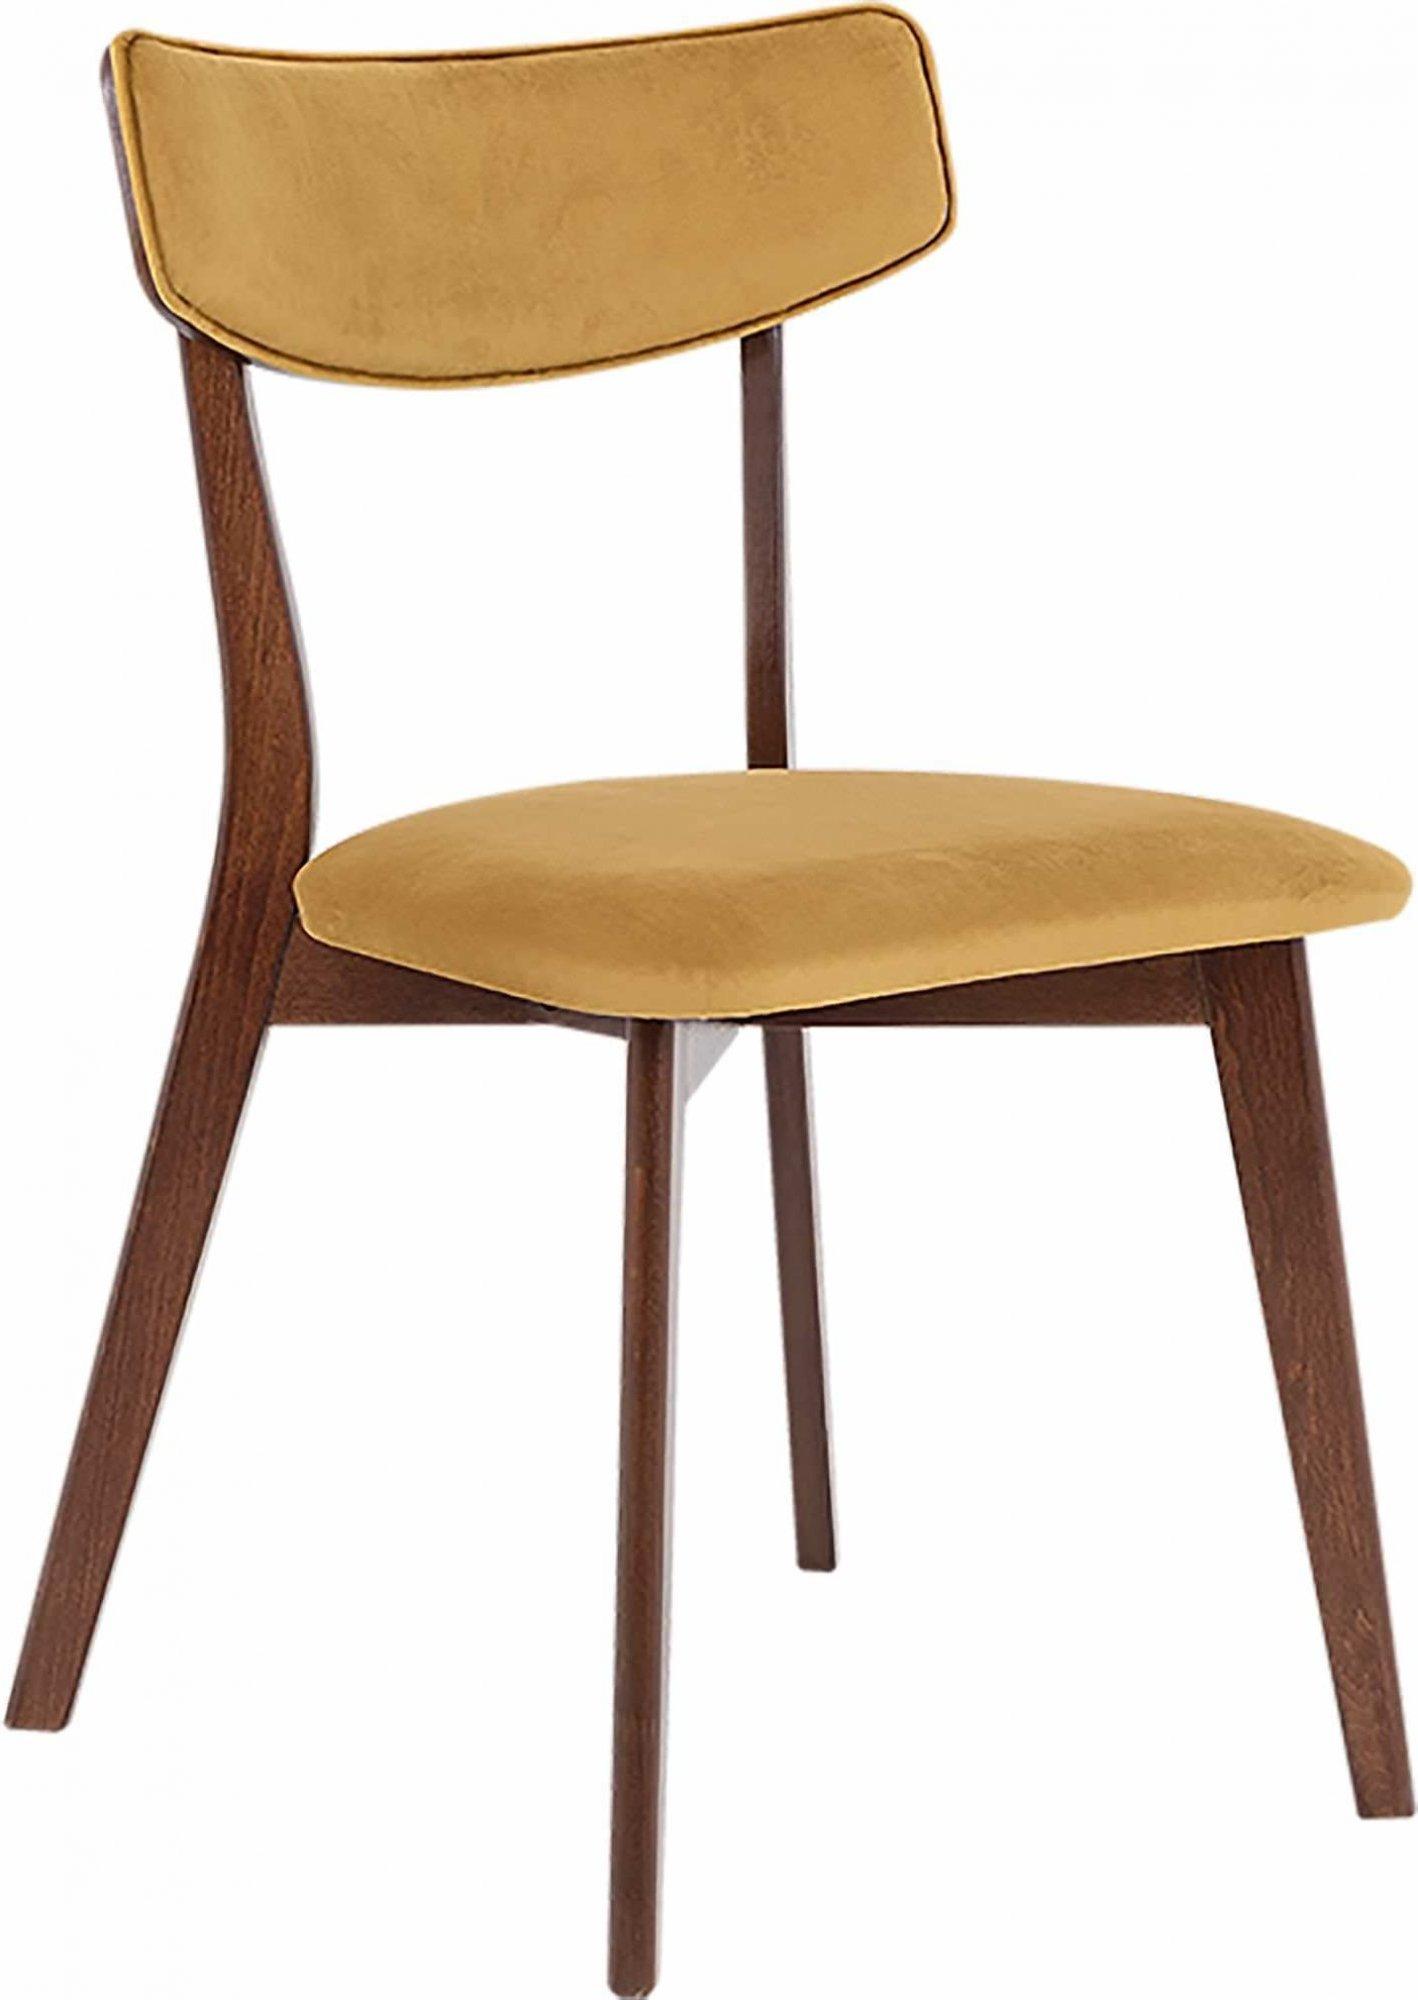 maison du monde Chaise design tradition velours marron clair pieds noyer